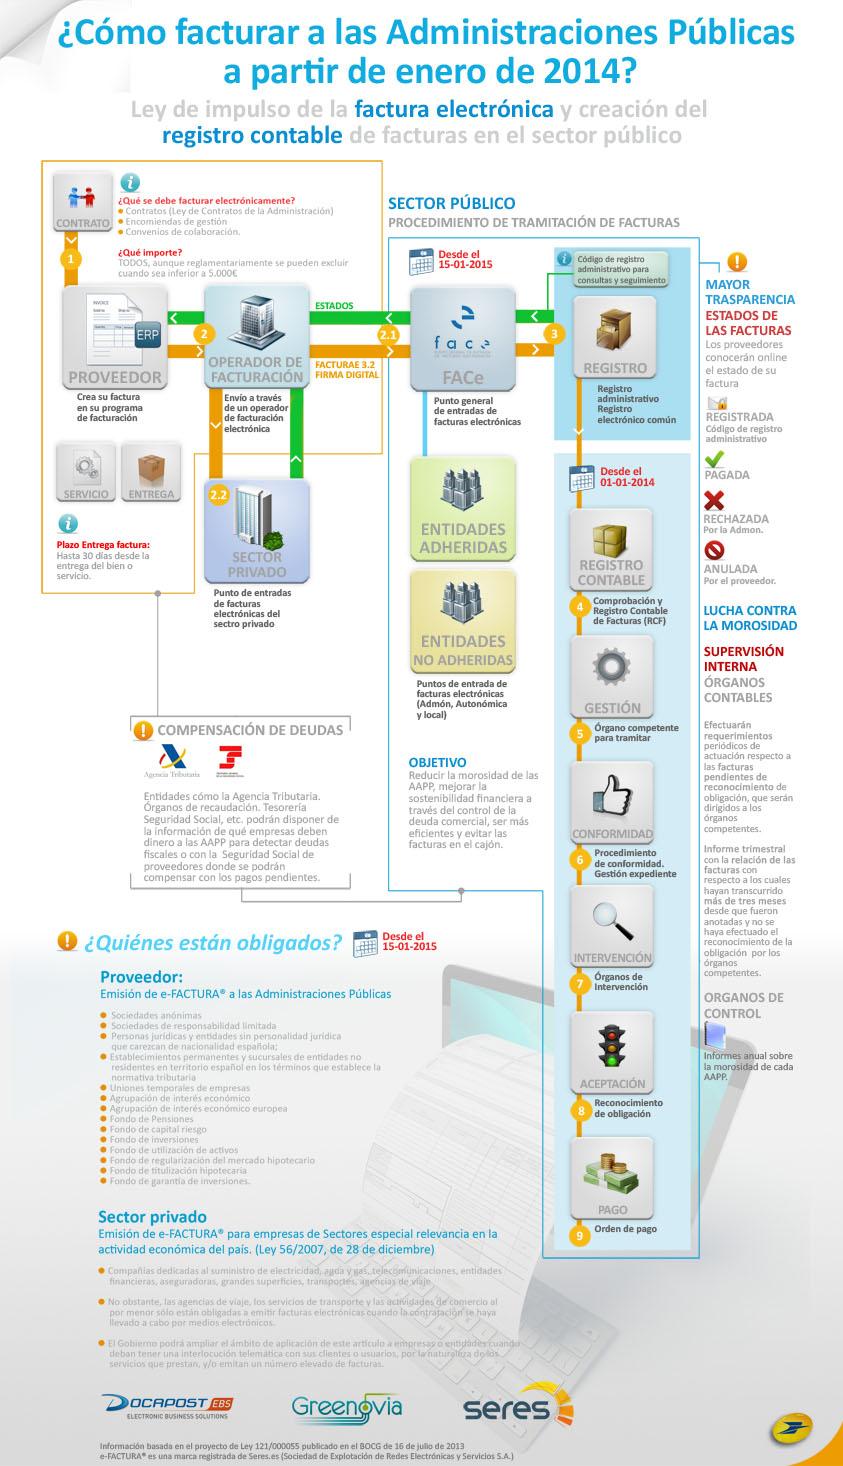 Cómo facturar a las Administracion Públicas en 2014 (España)